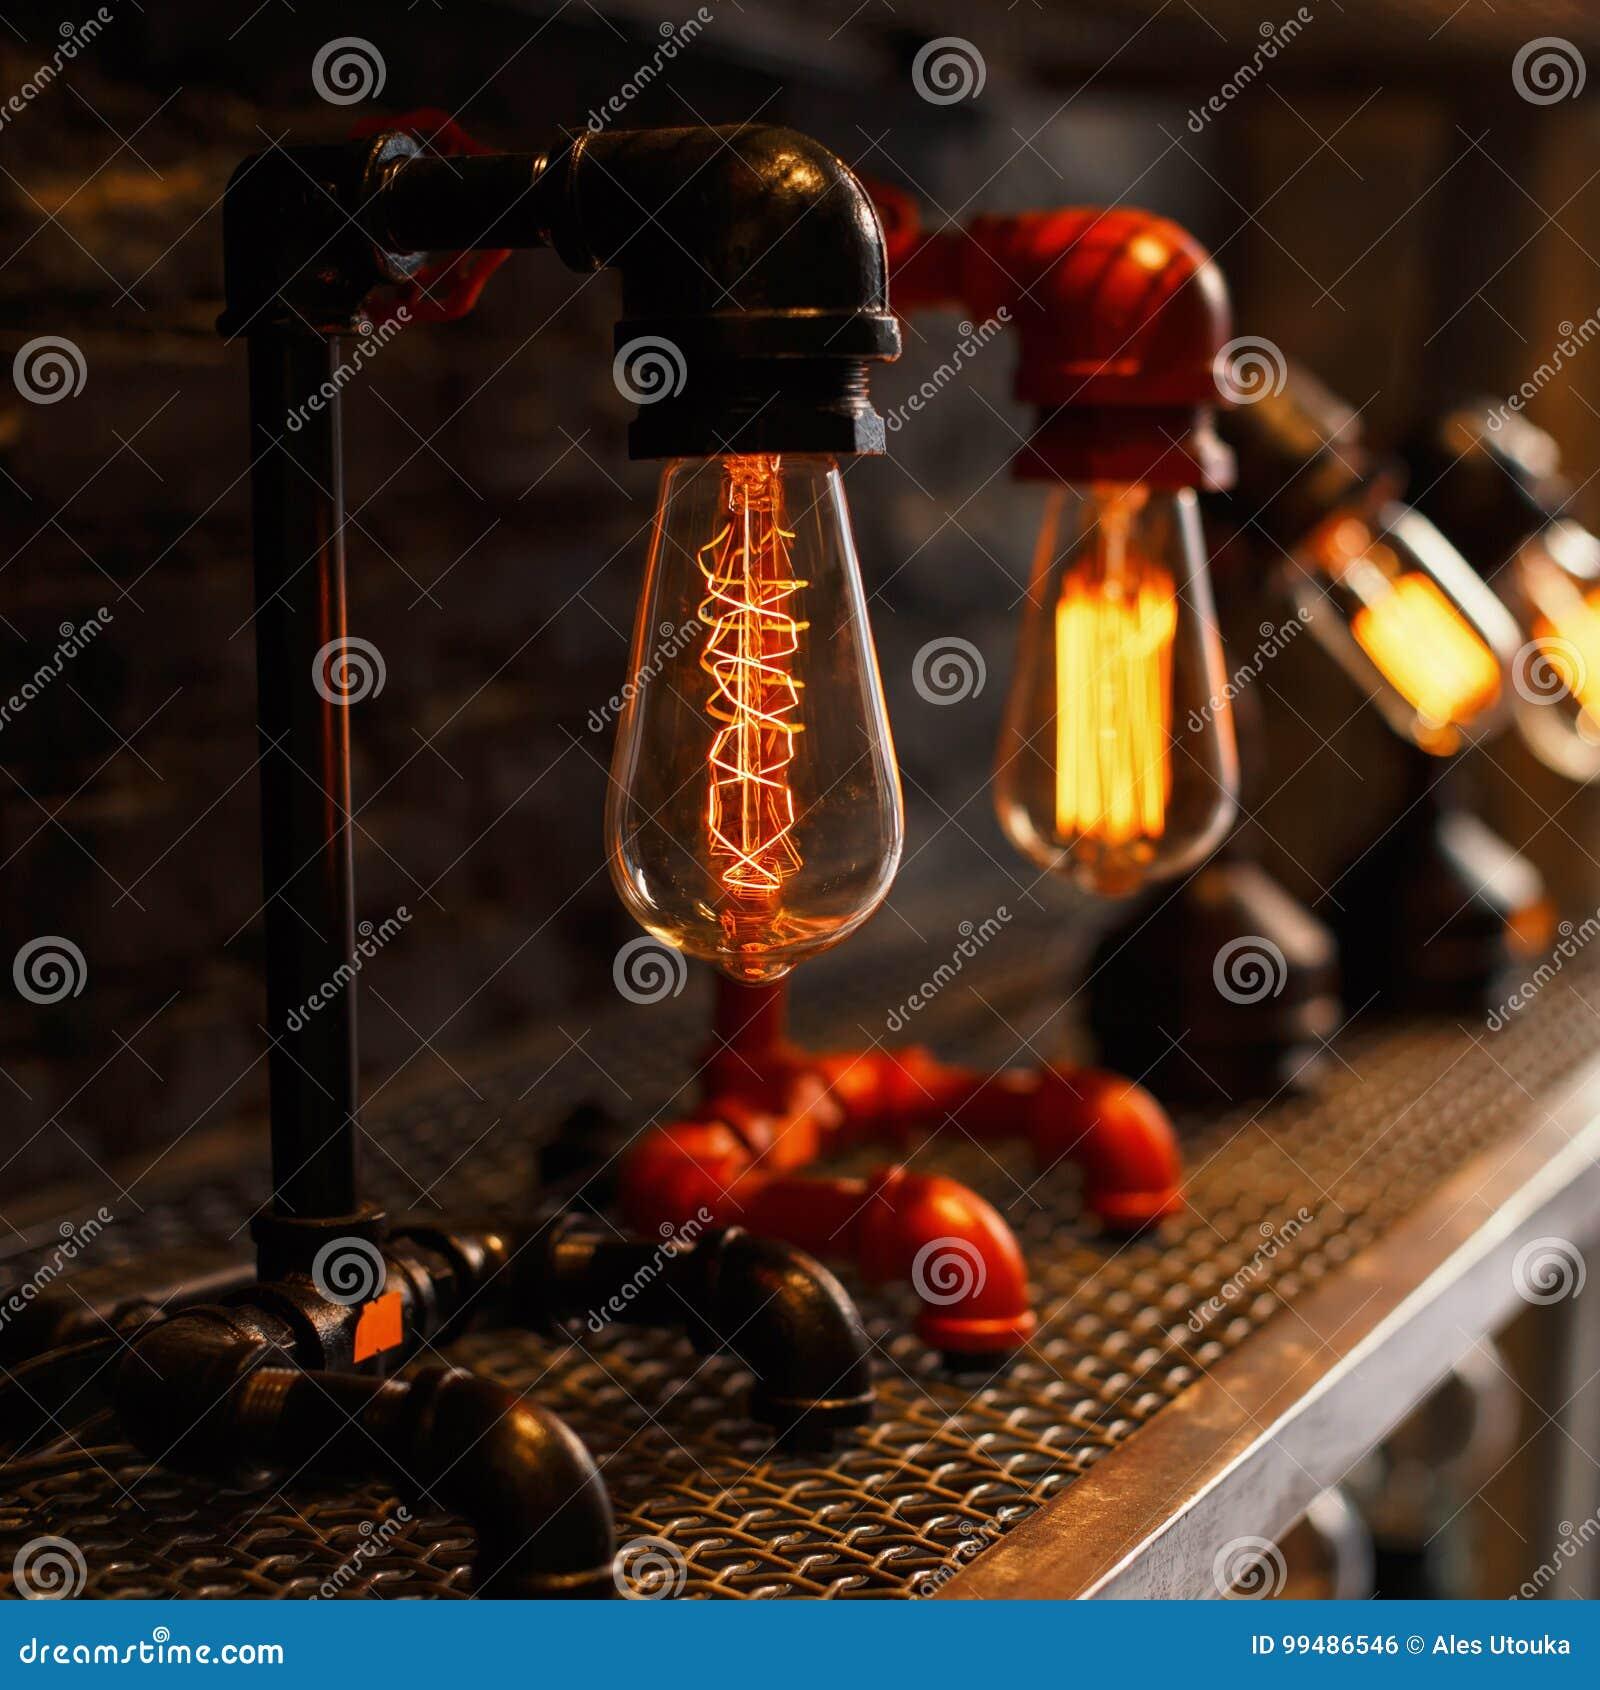 Красивая винтажная ретро лампа электричество